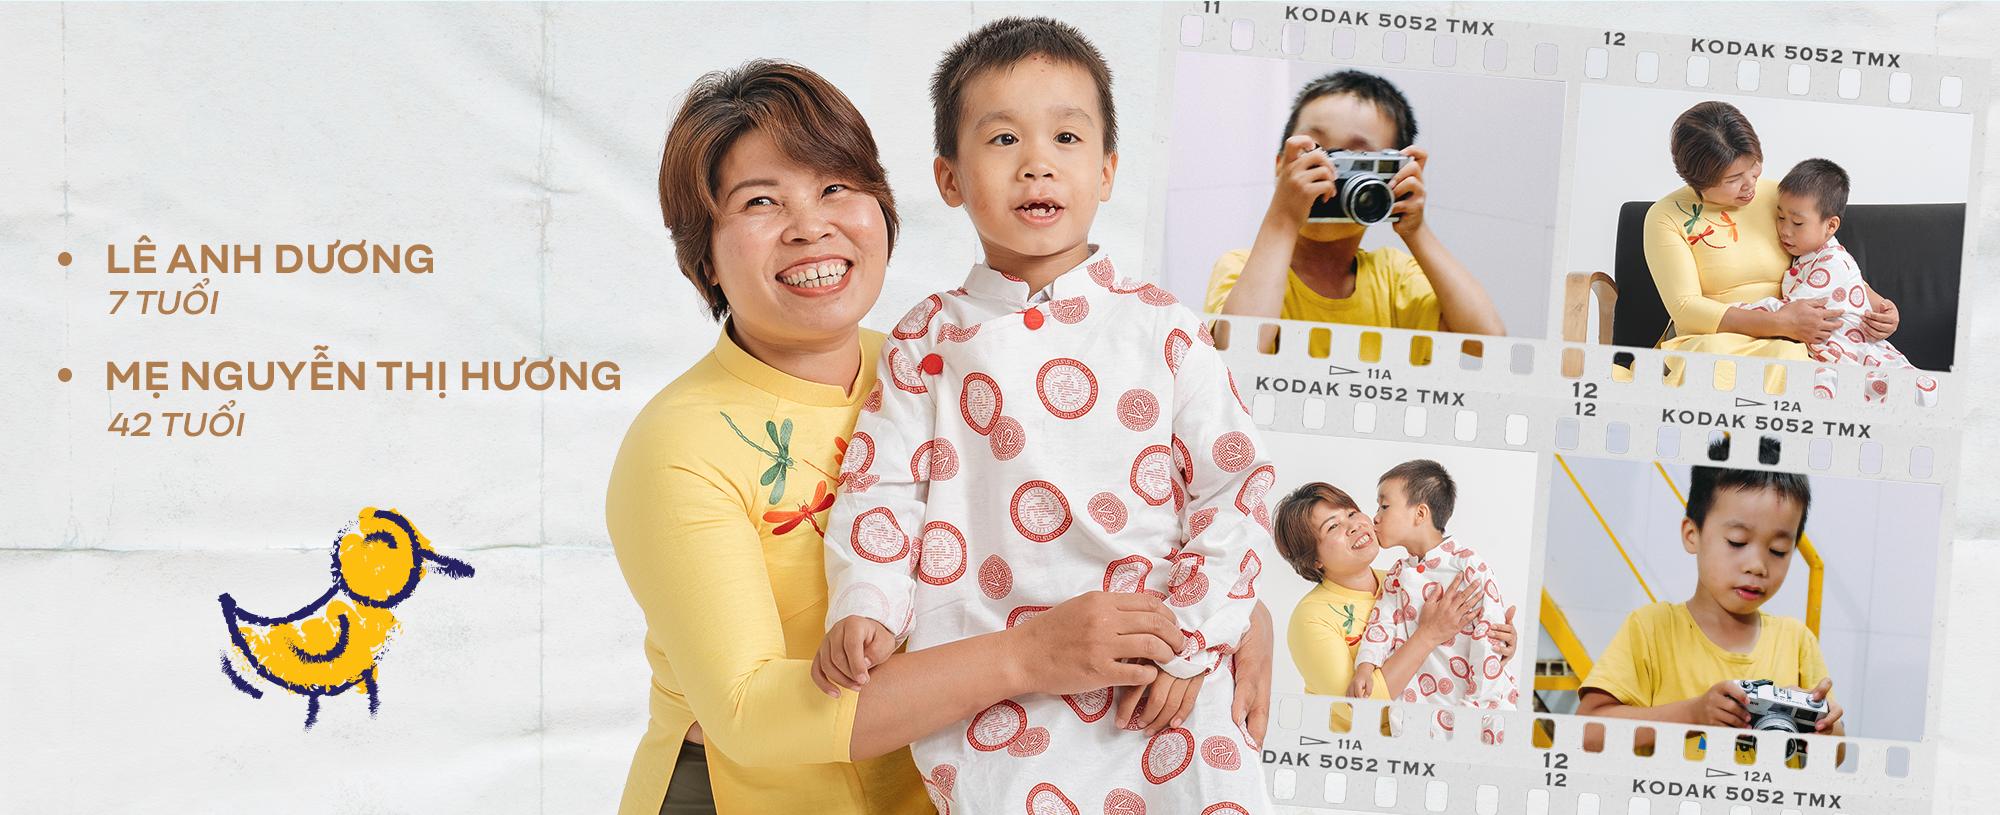 Hành trình của mẹ có con tự kỷ: Trong mắt mẹ, con luôn là một đứa trẻ đáng yêu, trong mắt con, mẹ luôn là người tuyệt vời nhất - Ảnh 21.